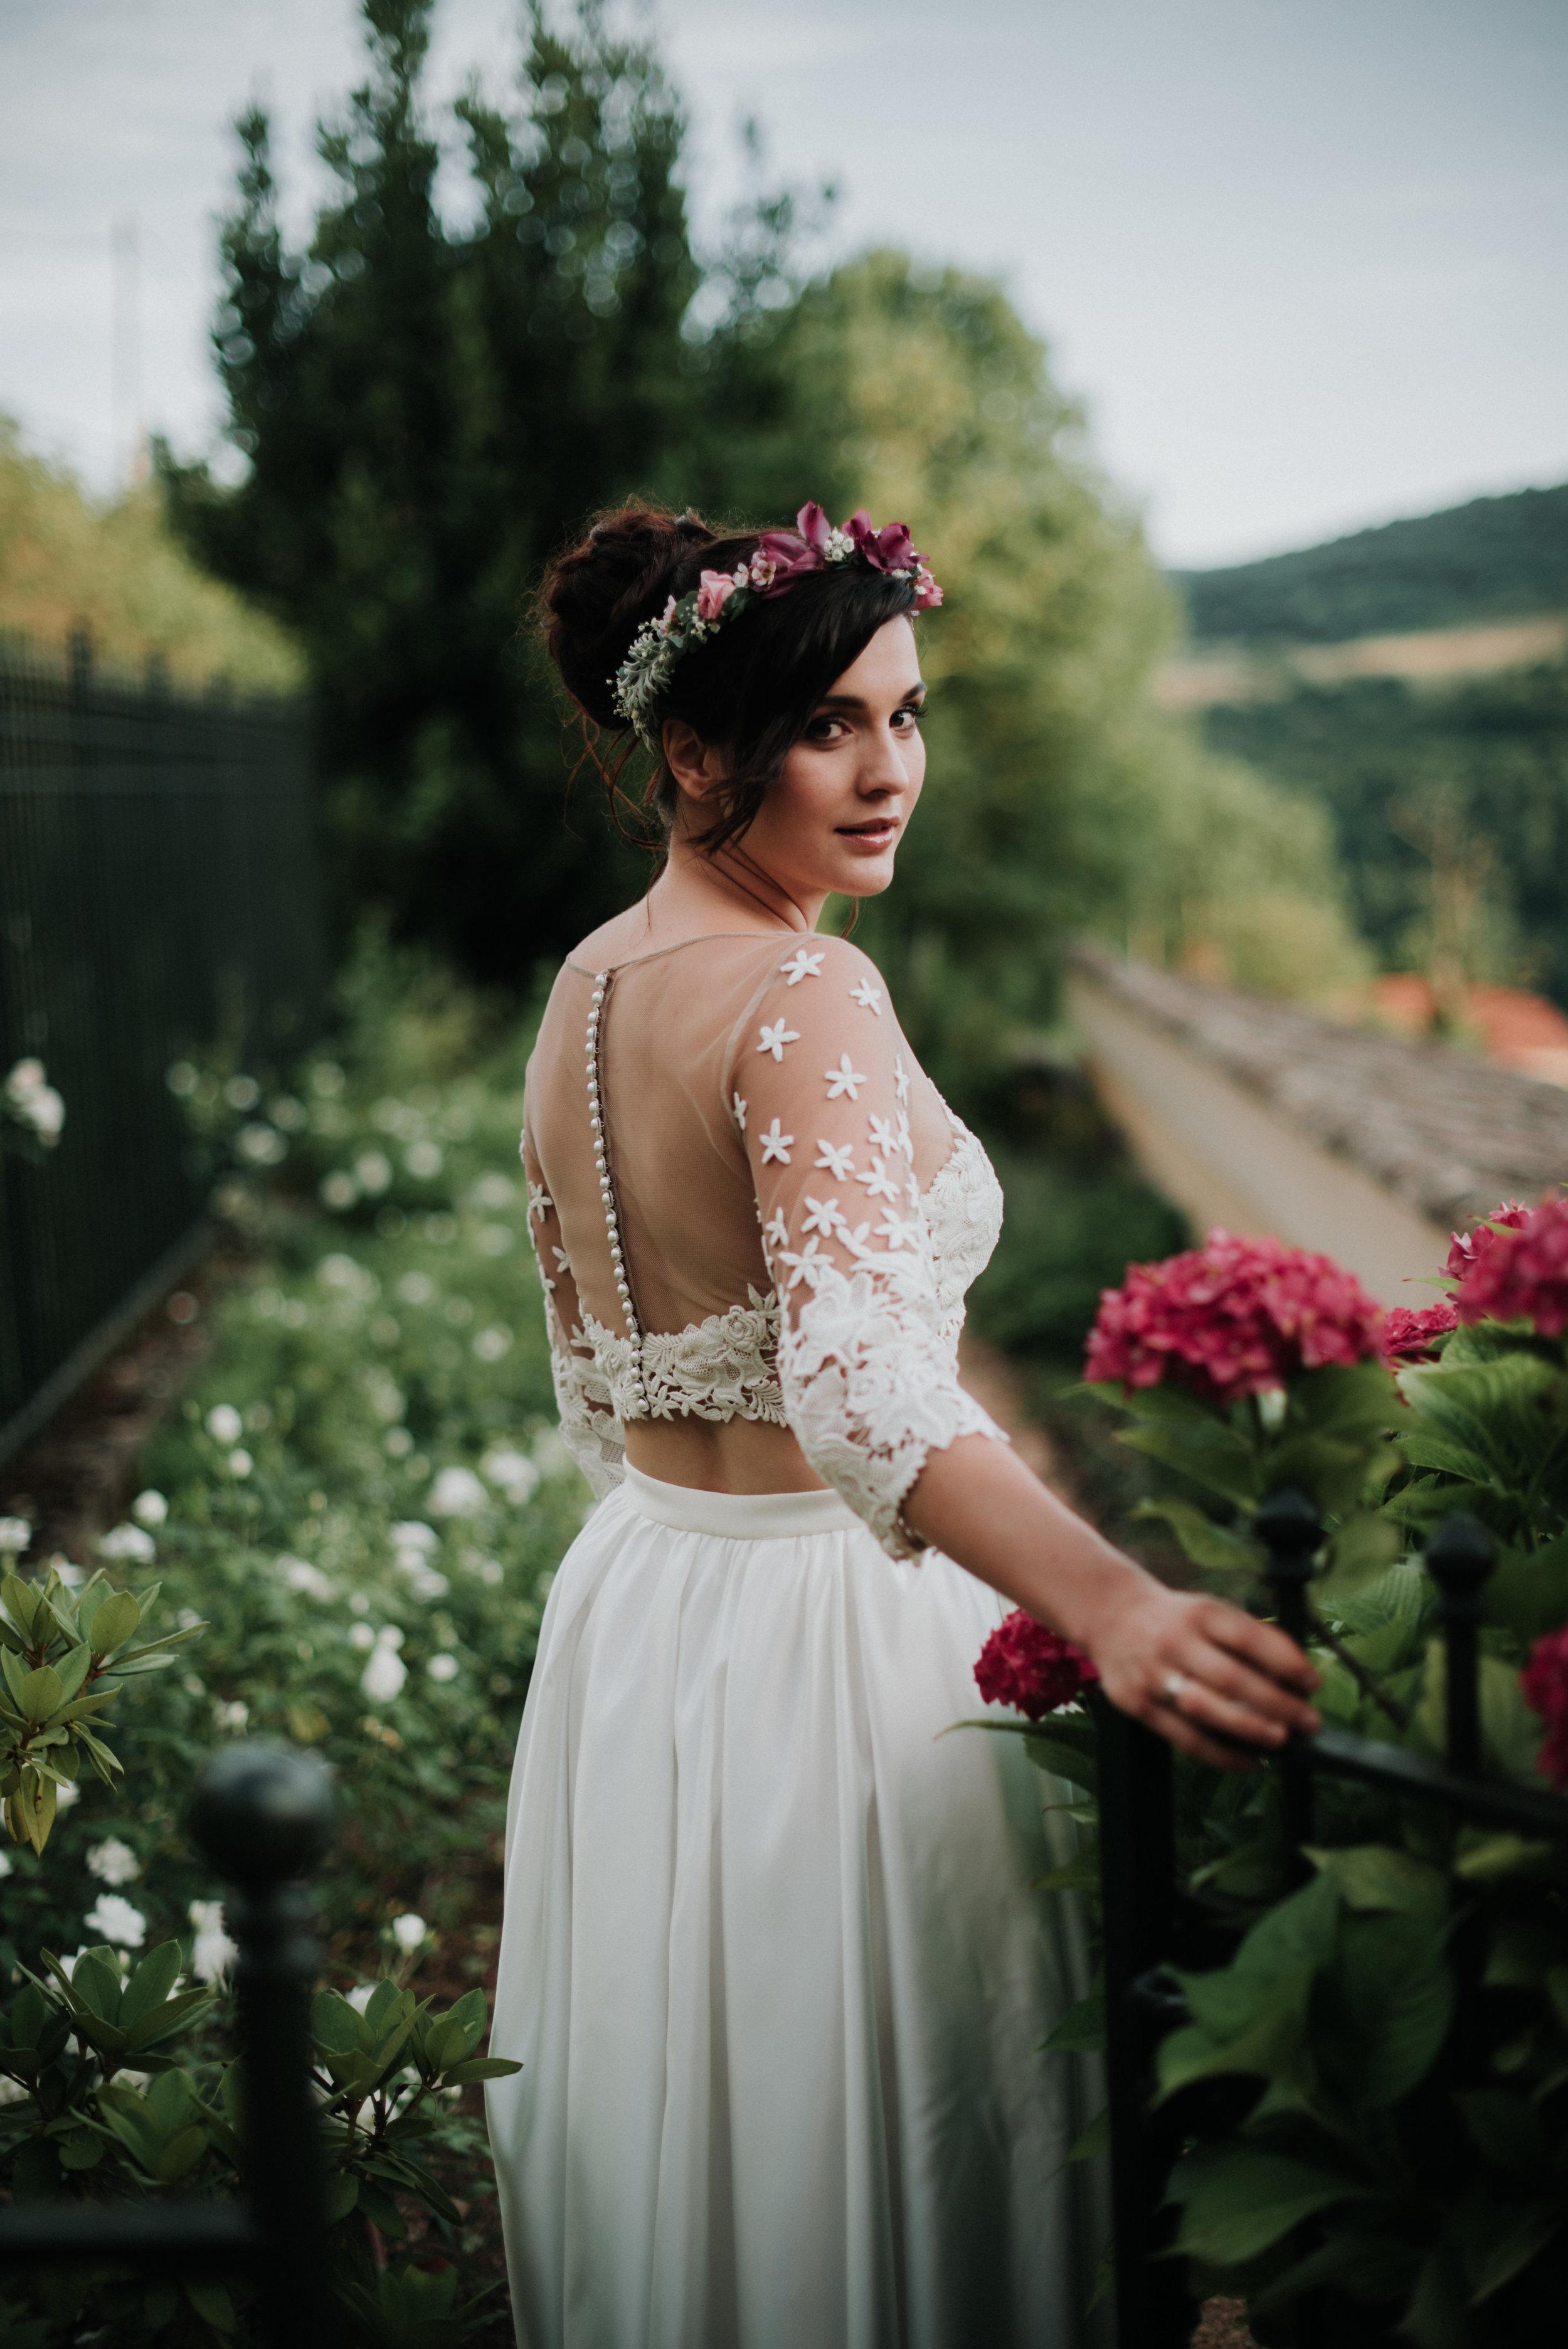 Léa-Fery-photographe-professionnel-lyon-rhone-alpes-portrait-creation-mariage-evenement-evenementiel-famille-9636.jpg